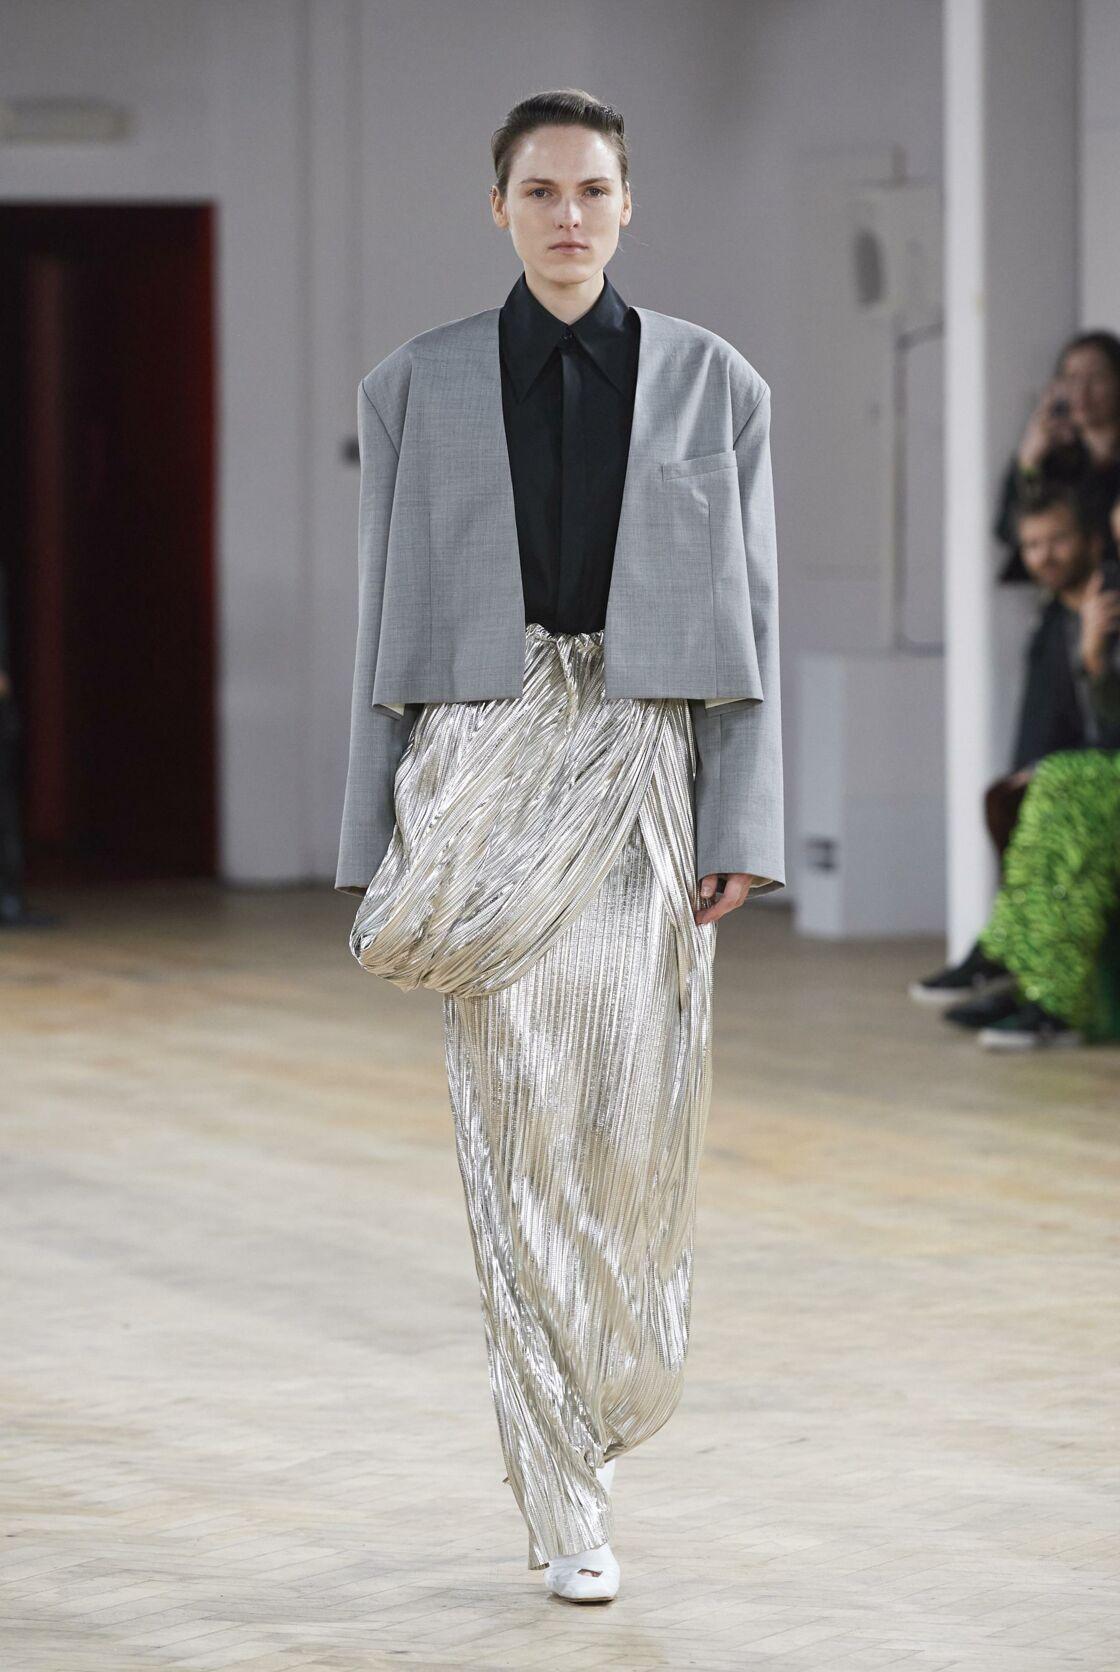 Le cropped top par dessus une jupe lamé proposé par A.W.A.K.E lors de son défilé de prêt-à-porter automne-hiver 2020-2021